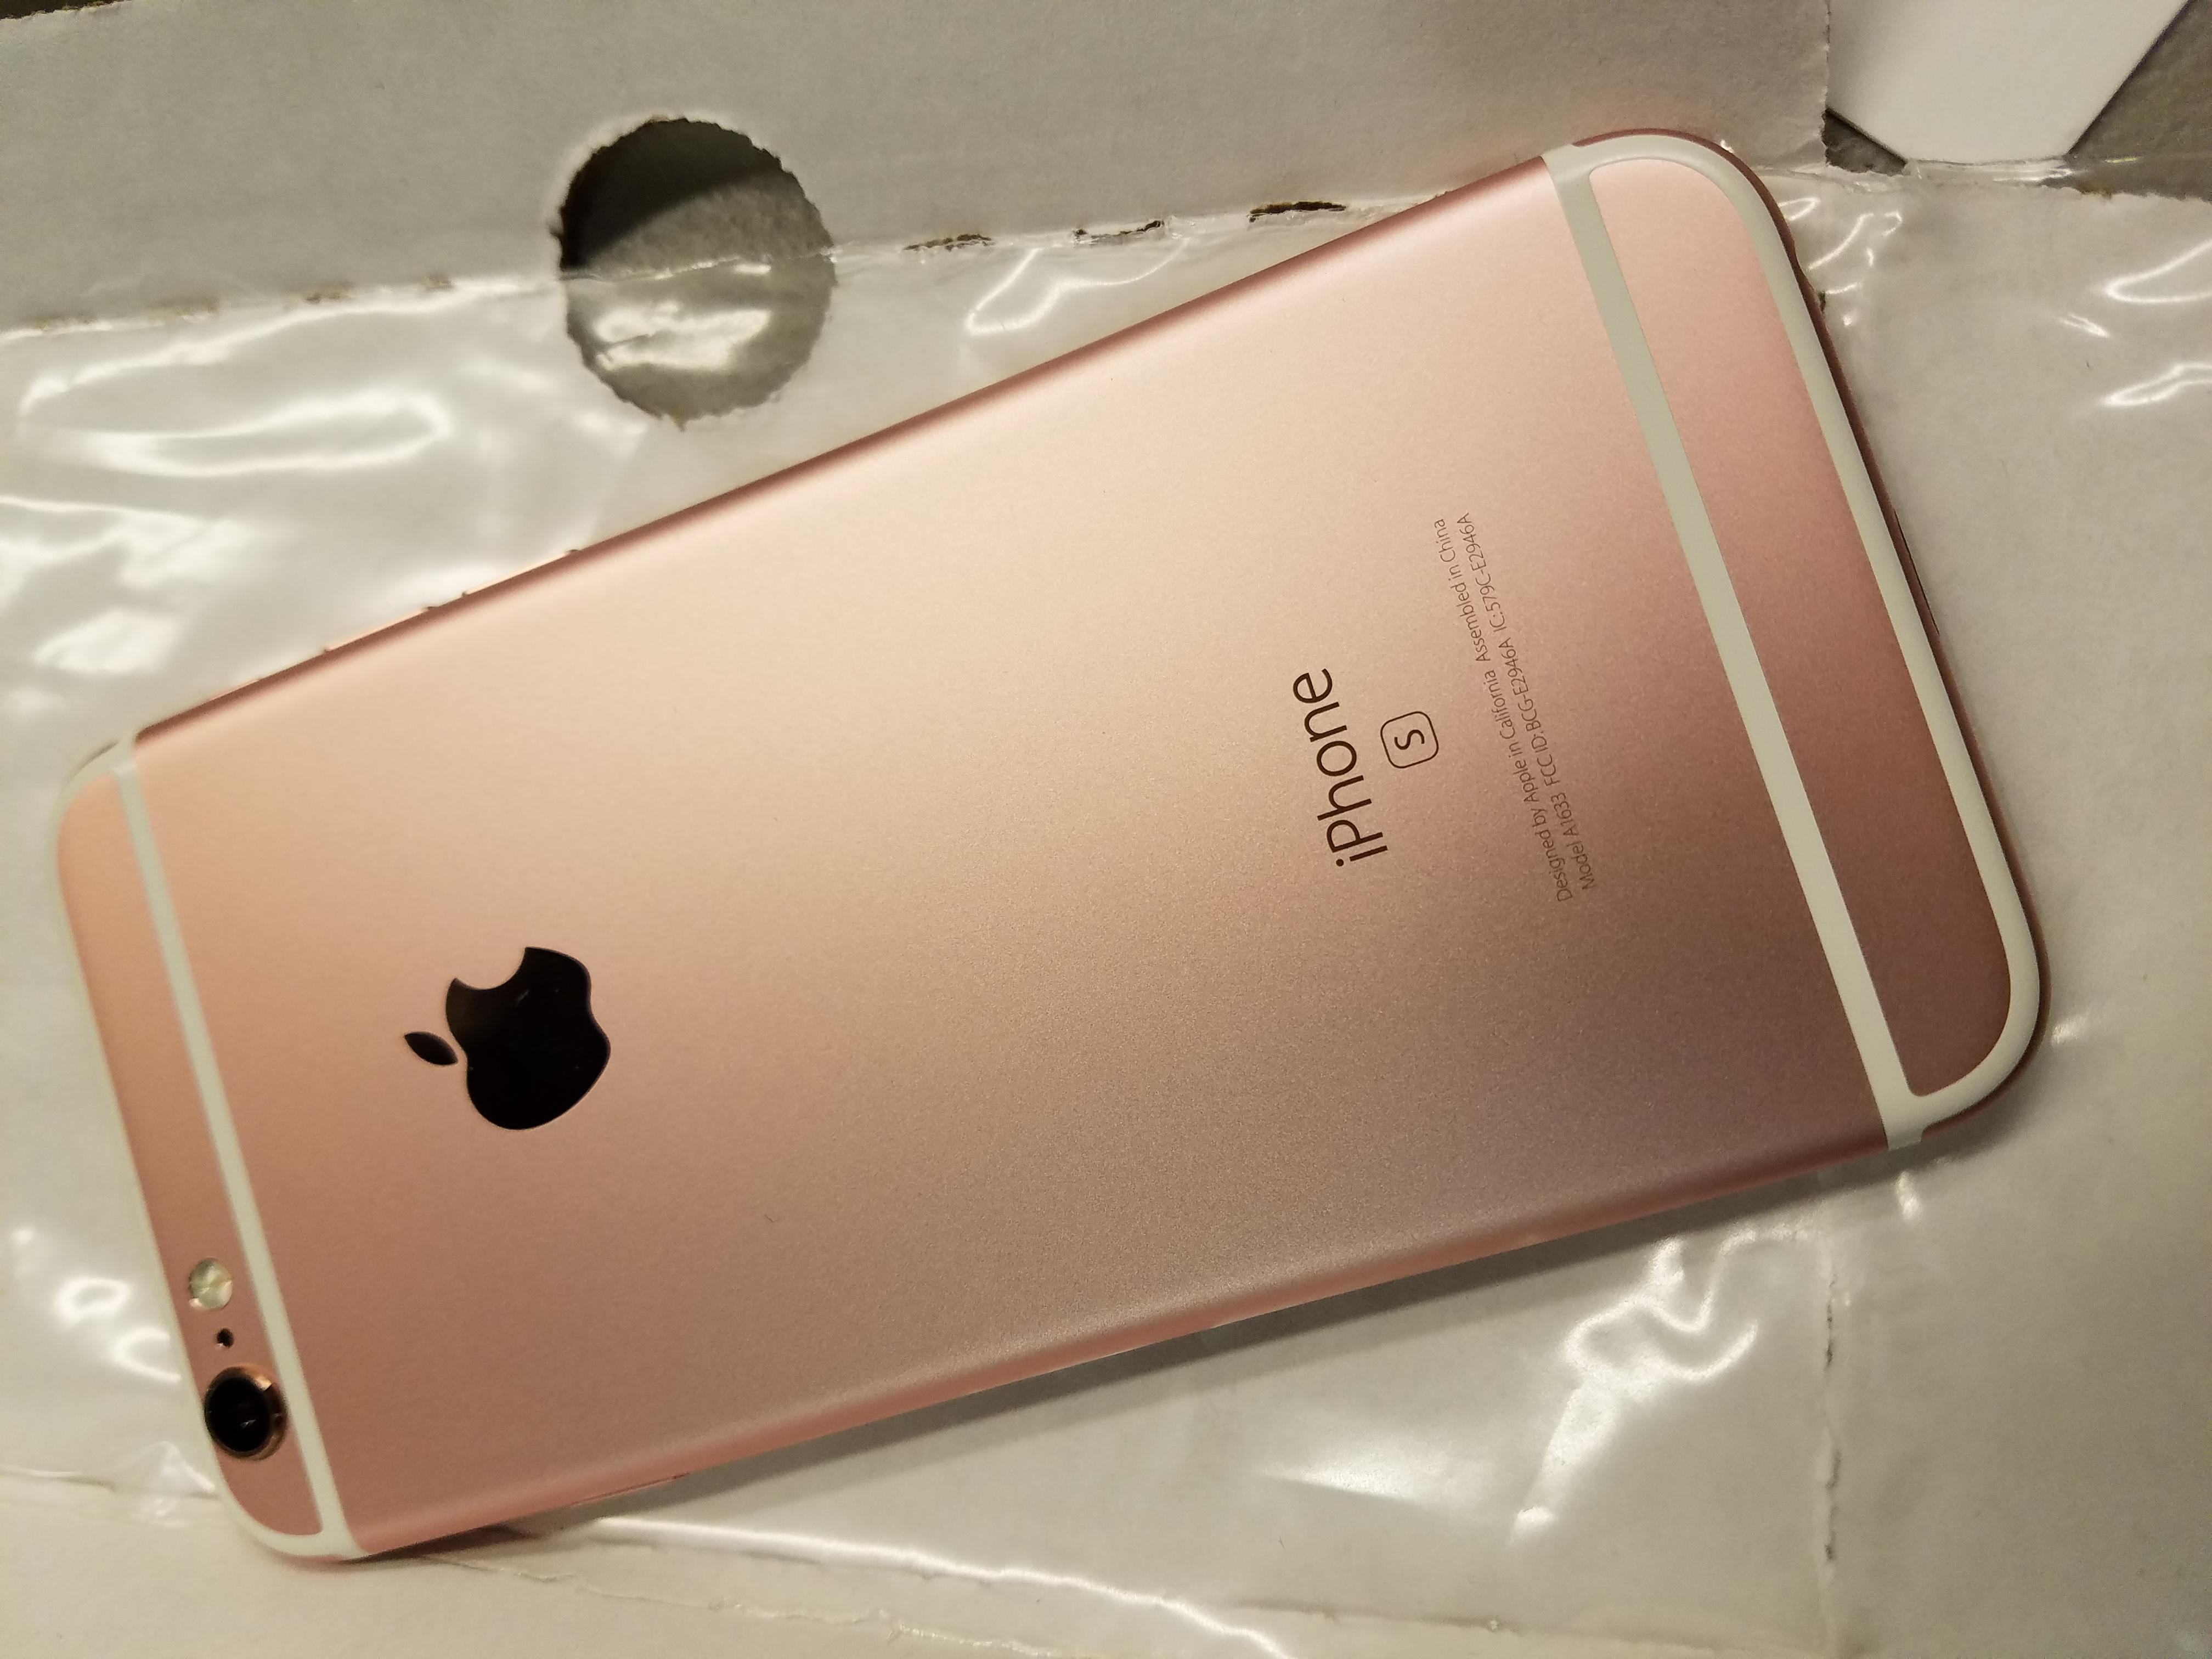 GSM UNLOCKED iPhone 6/6S/6S Plus - 16GB/64GB - Rose Gold ...